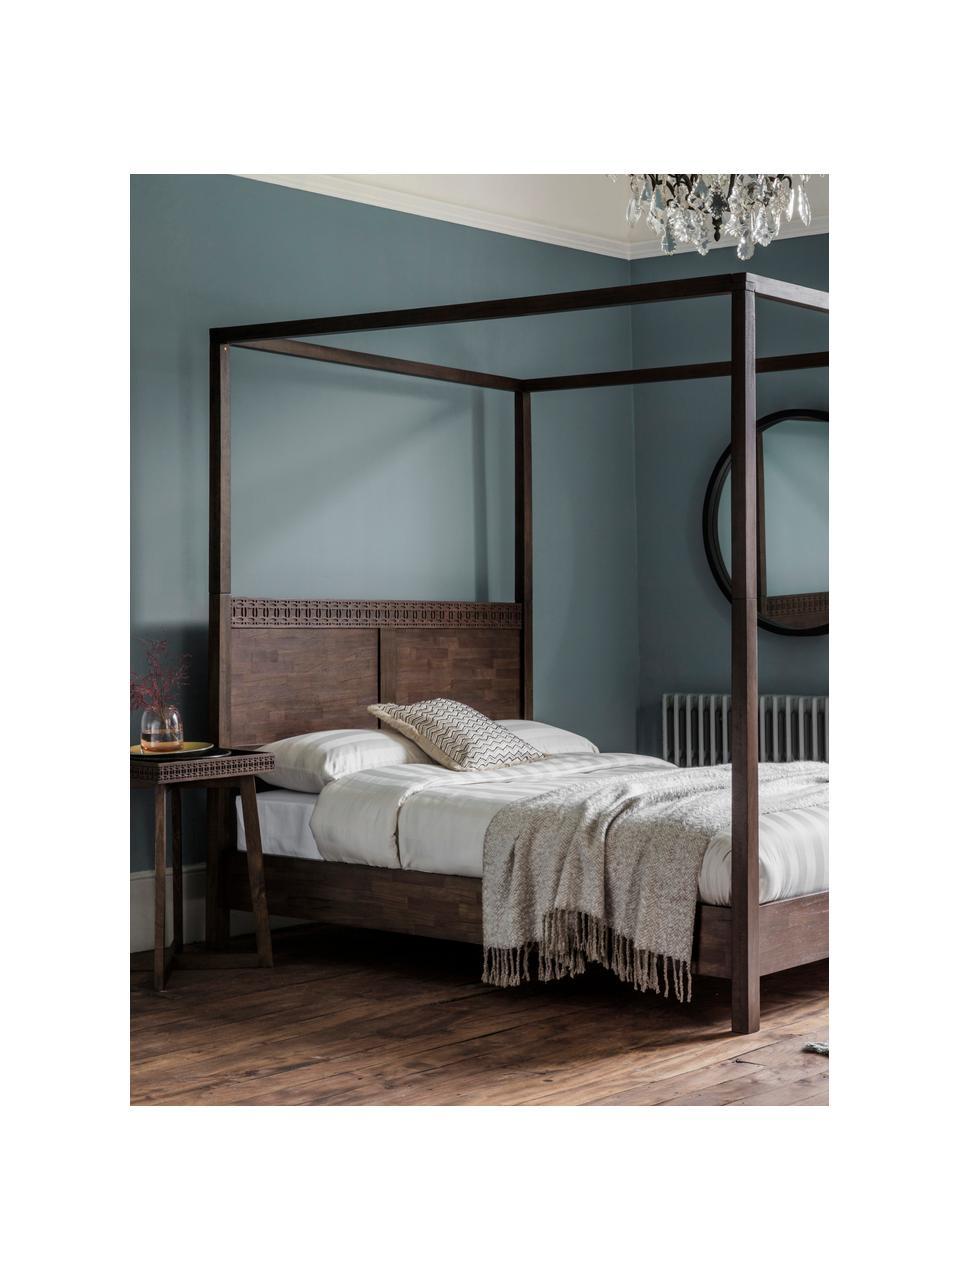 Łóżko drewniane z baldachimem Retreat, Drewno mangowe z fornirowanymi kawałkami drewna tekowego, drewno mahoniowe, drewno mindi, Odcienie ciemnego brązowego, S 180 x D 200 cm